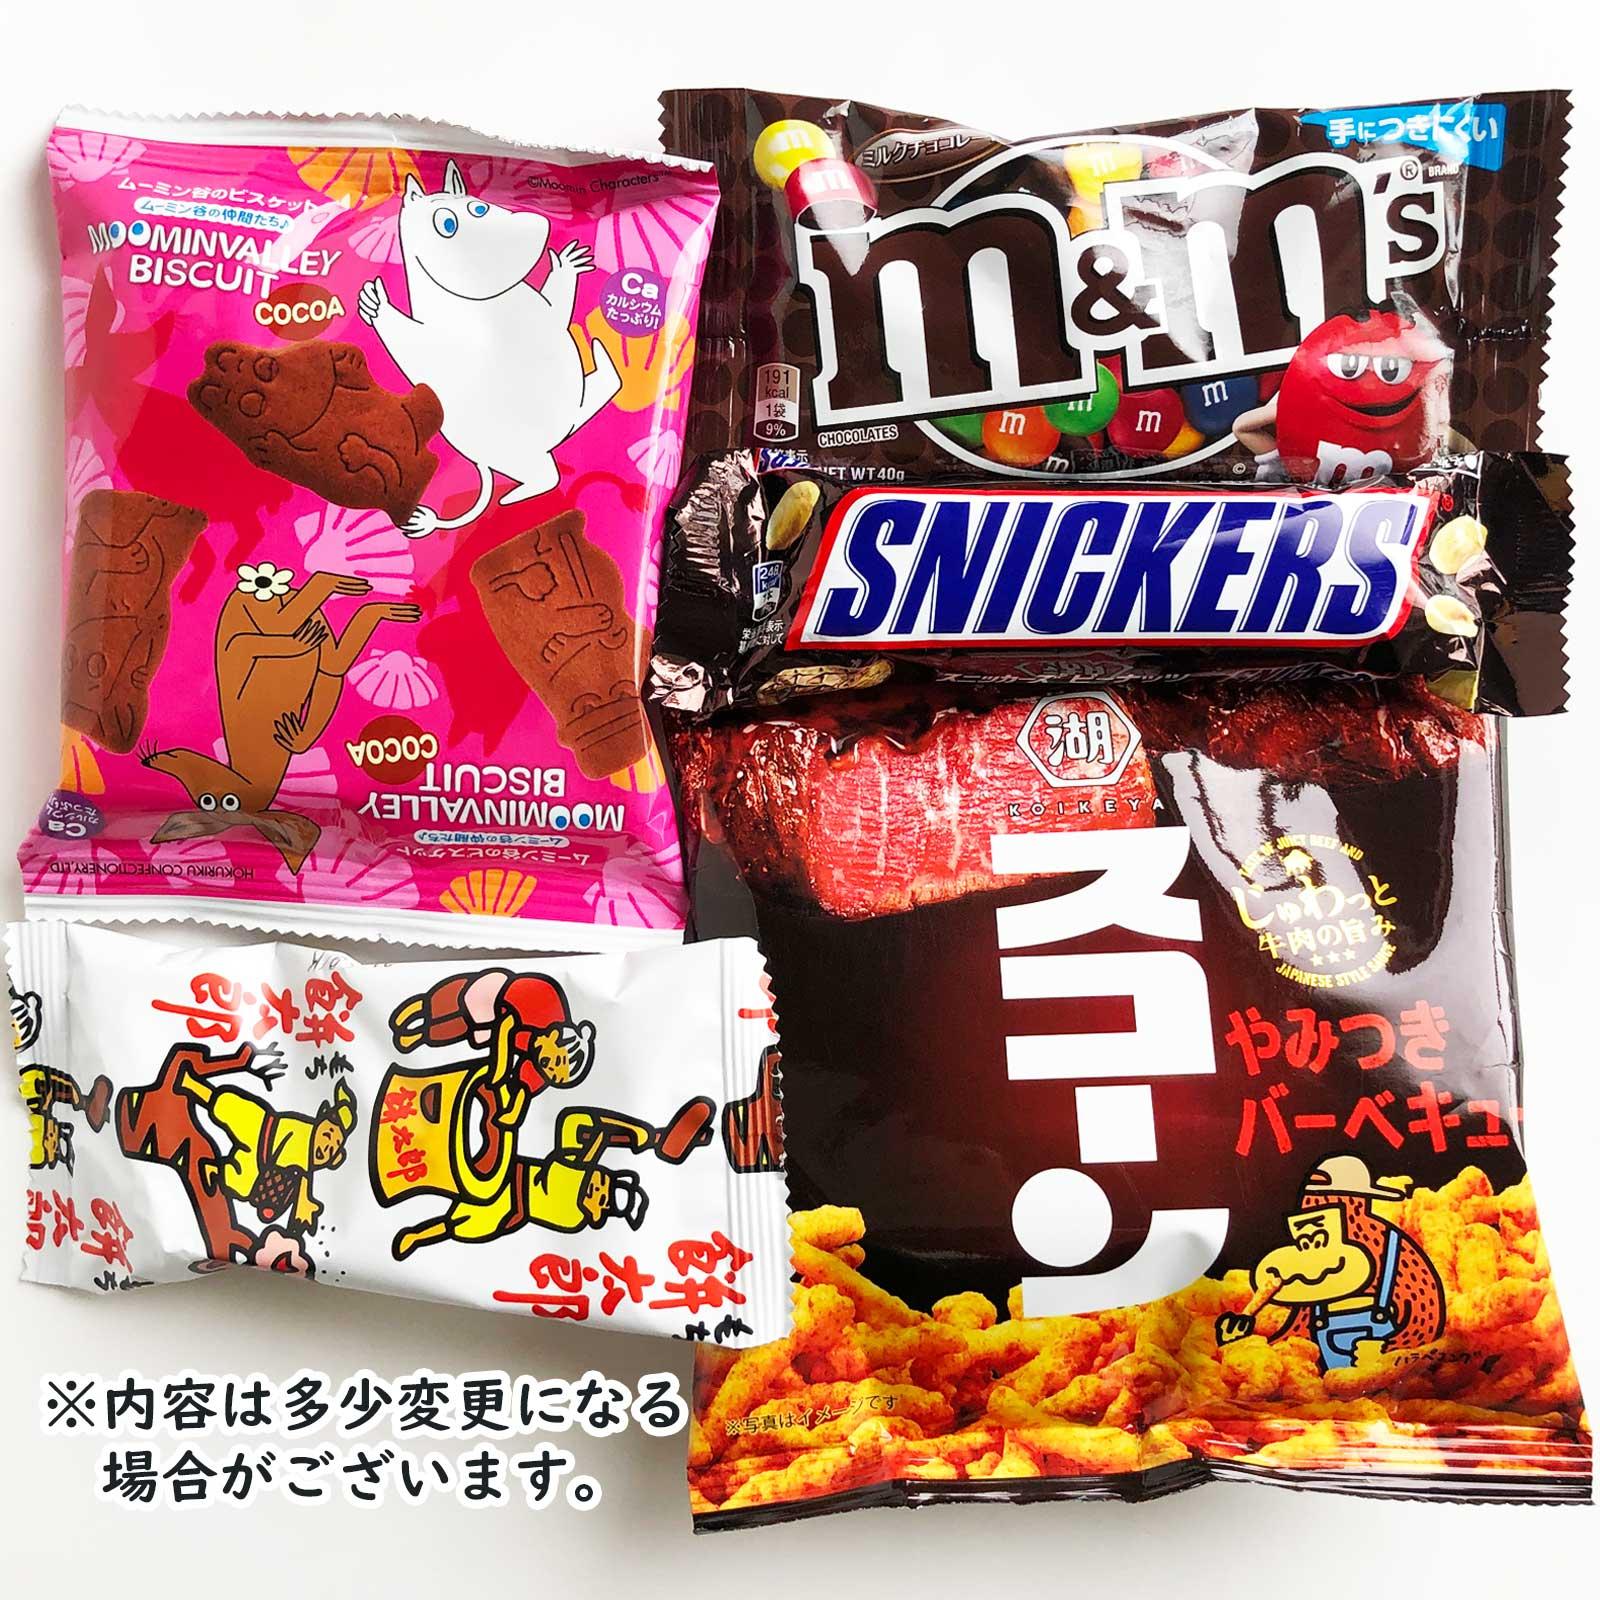 お菓子詰め合わせ500円